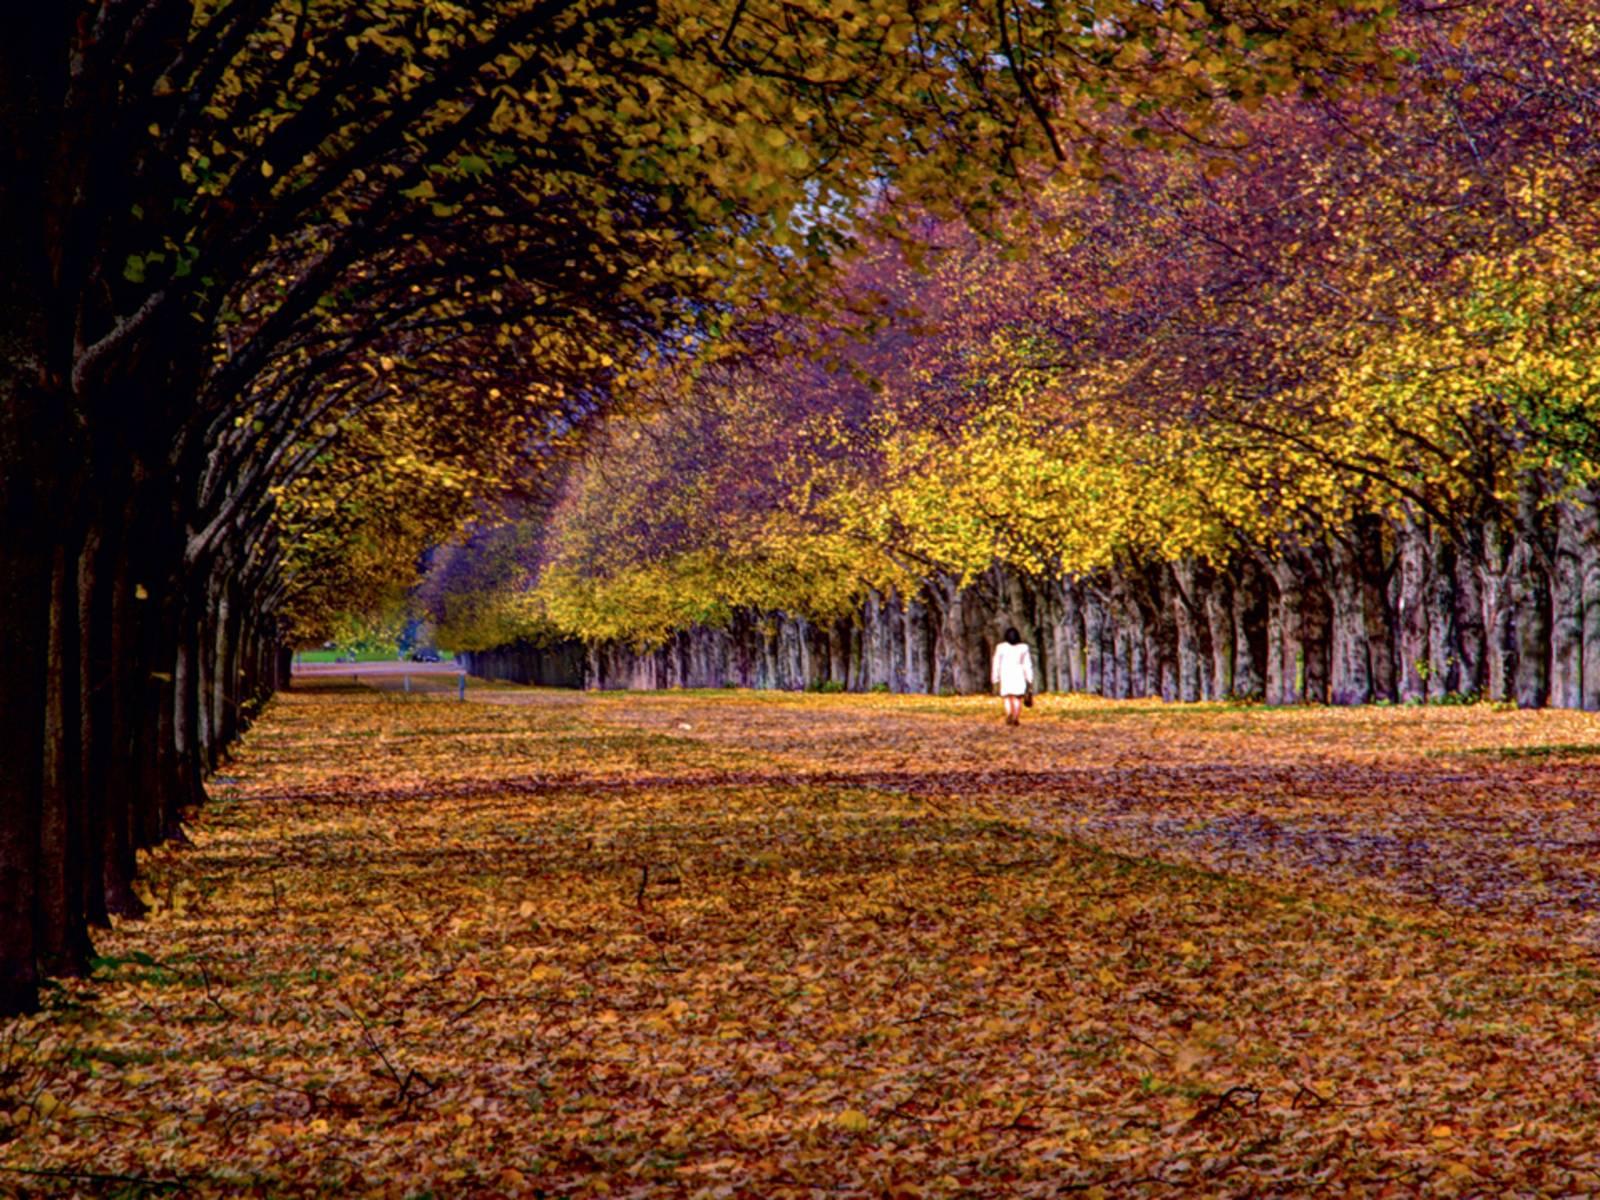 Eine Allee im Herbst.